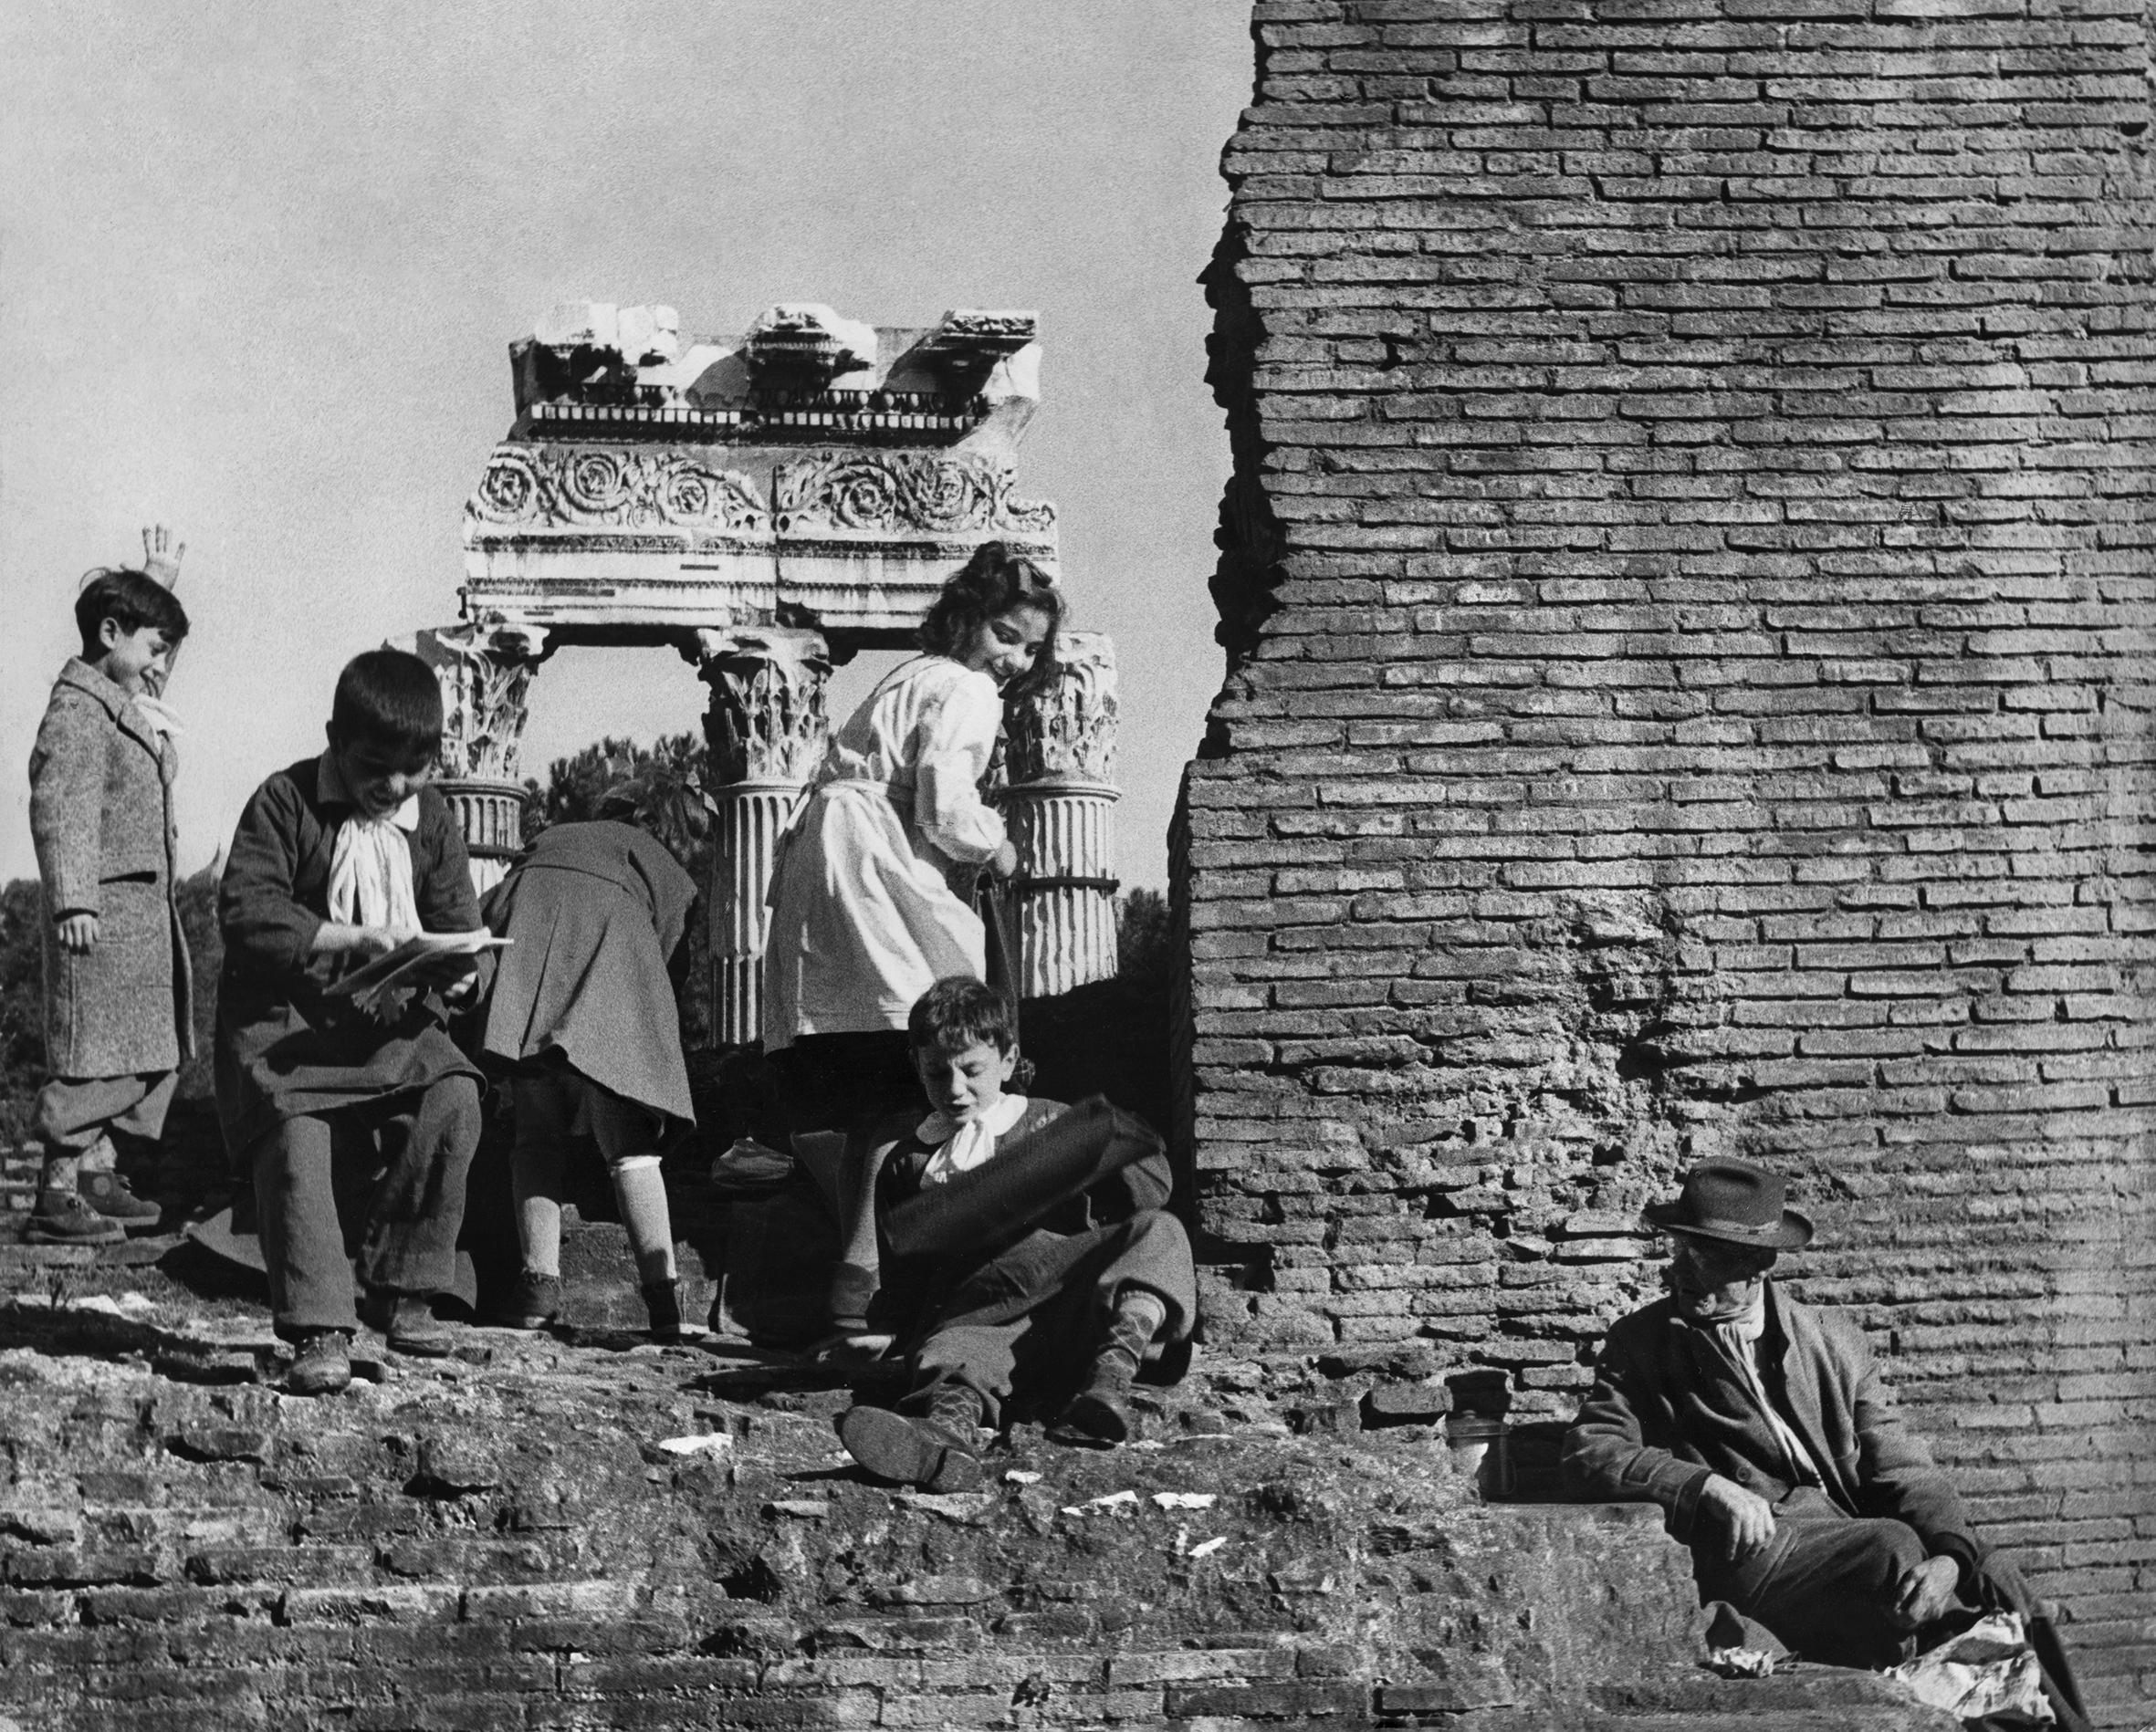 Lori Sammartino. Roma, c. 1960 (Courtesy Daniele Petiziol).